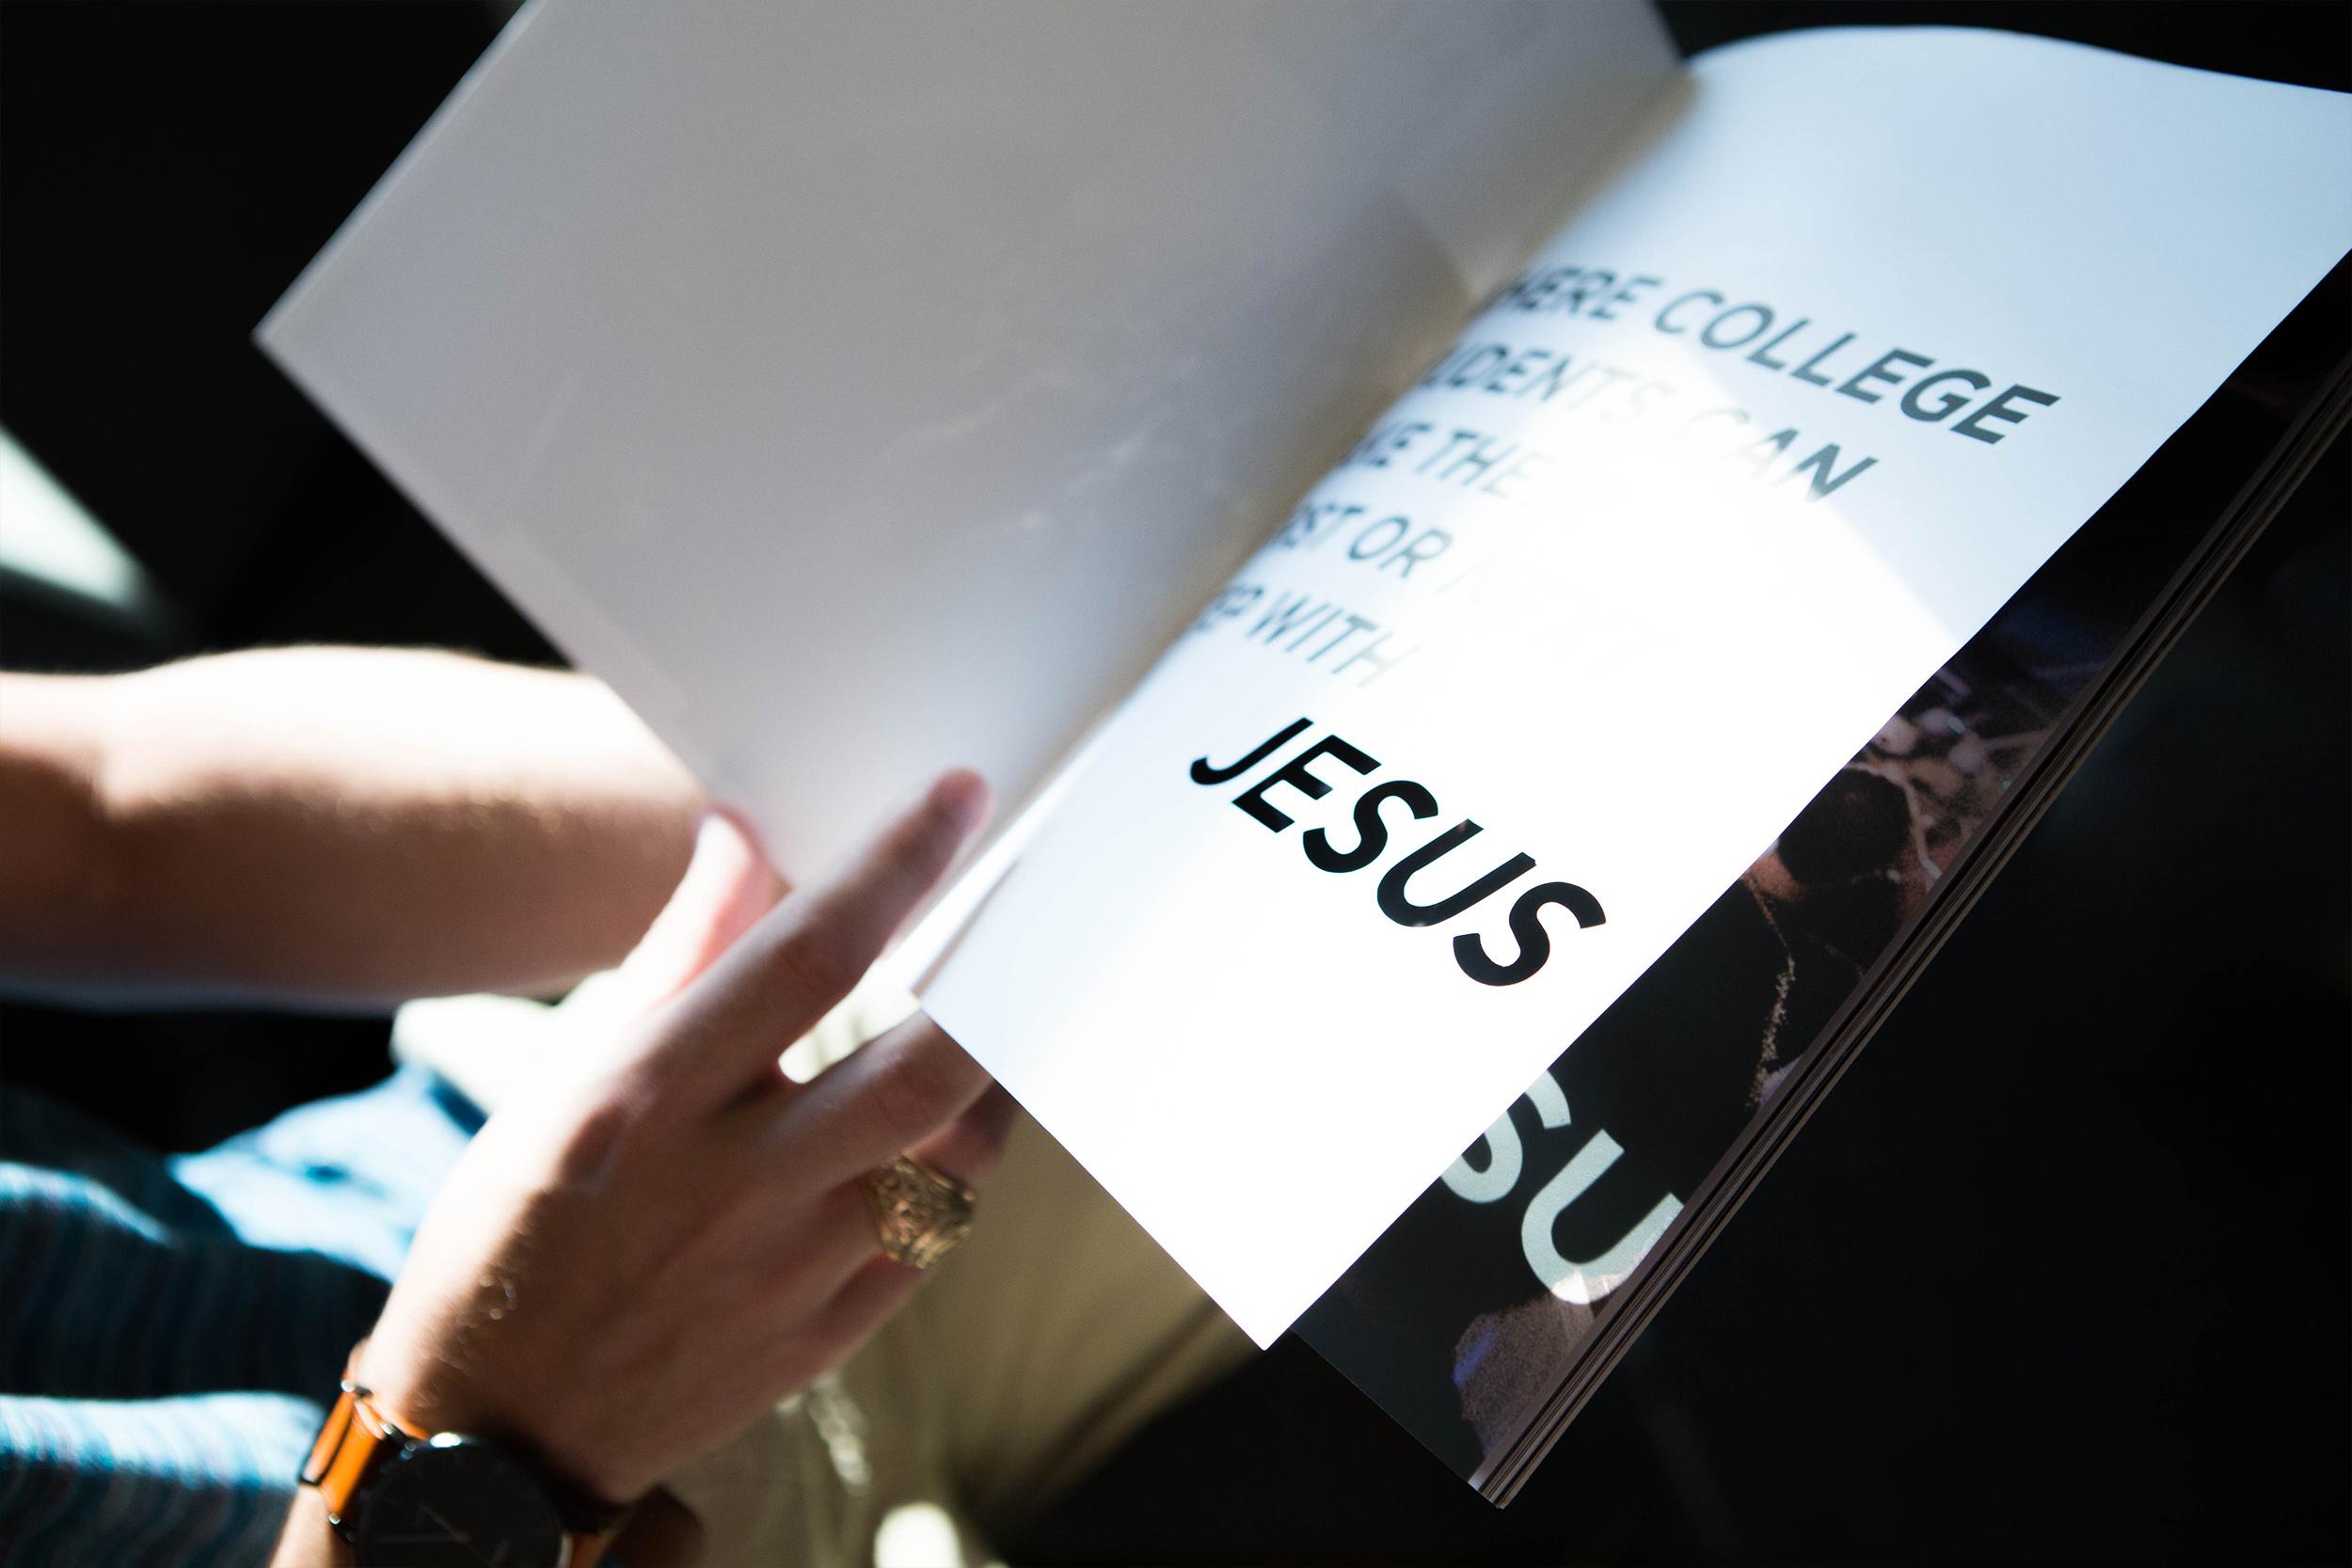 JESUS-Closeup.jpg